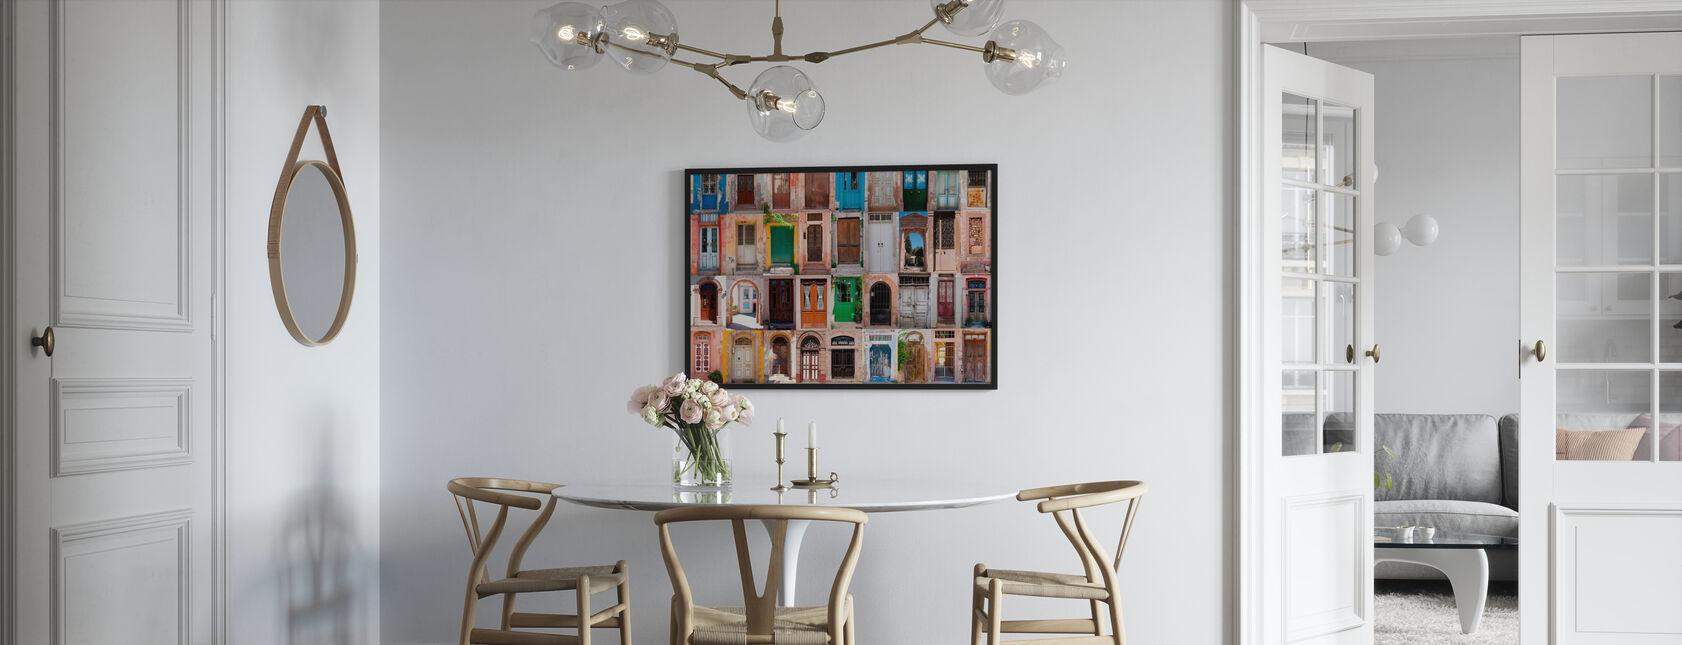 Färgglada dörrar - Poster - Kök